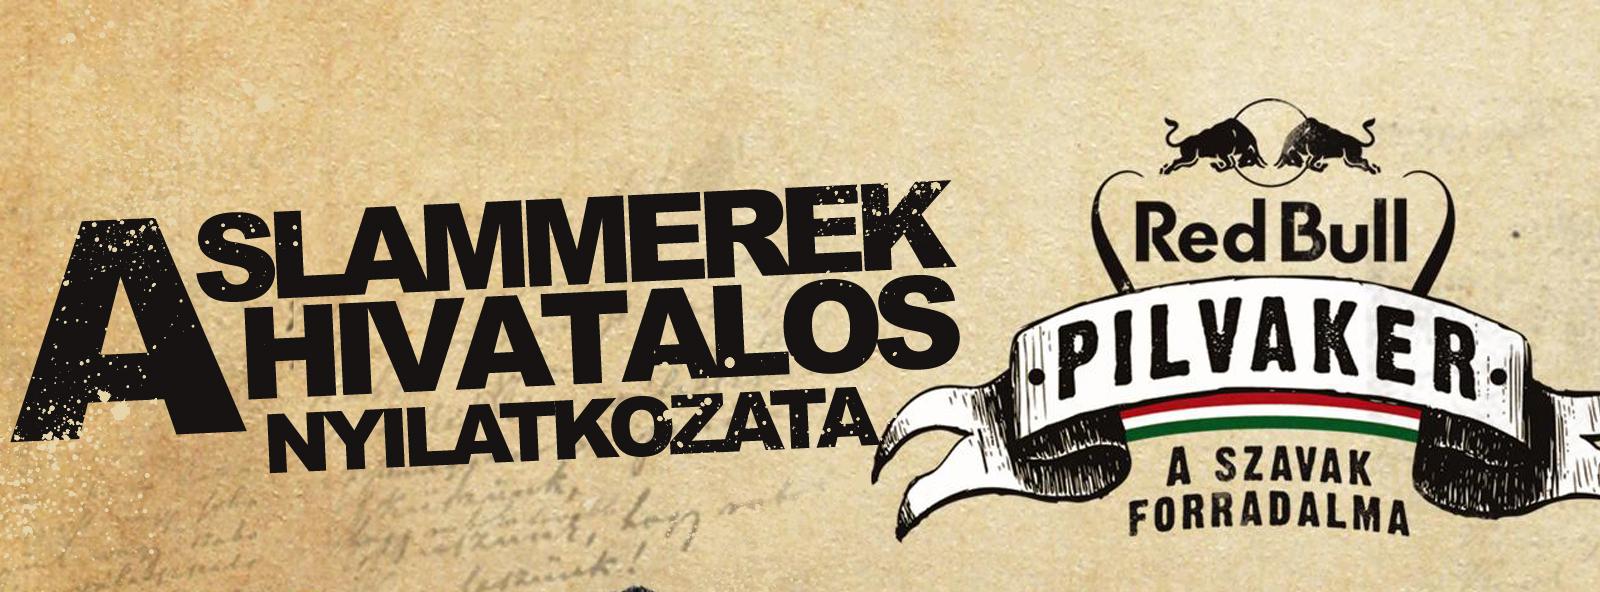 HIVATALOS NYILATKOZAT – PILVAKER 2014